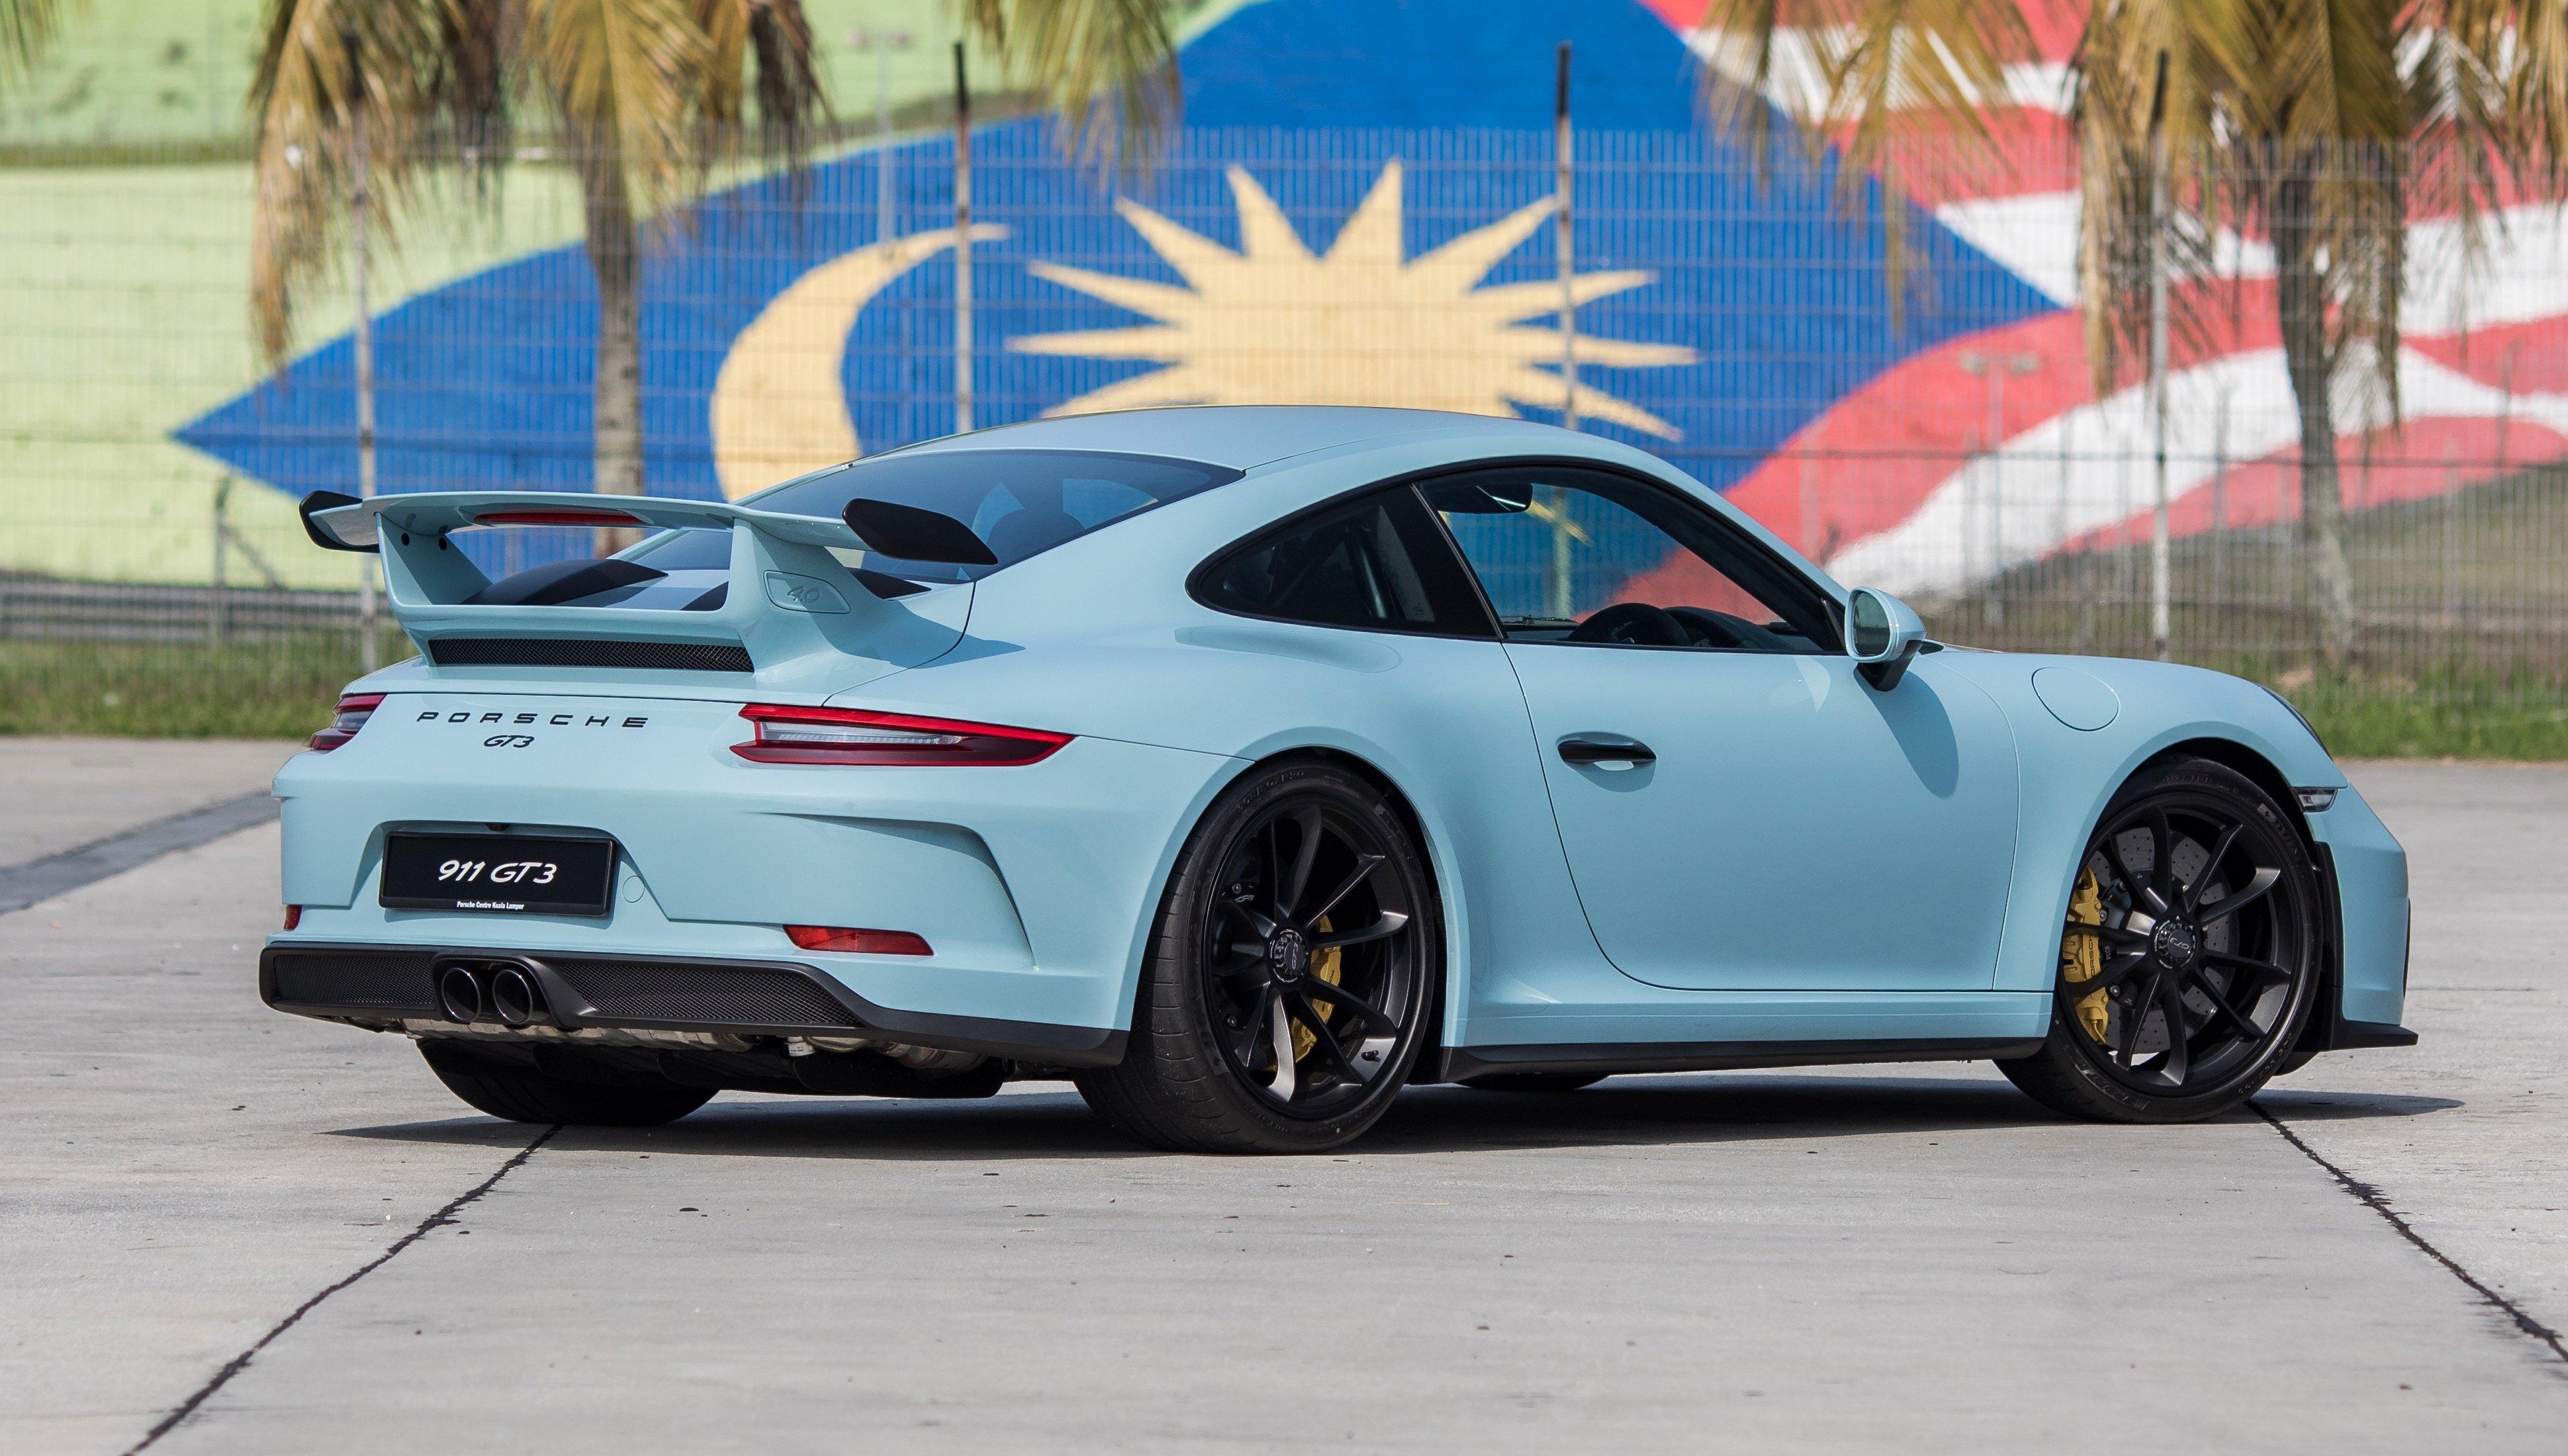 Porsche 911 Gt3 Meissen Blue 5 Paul Tan S Automotive News